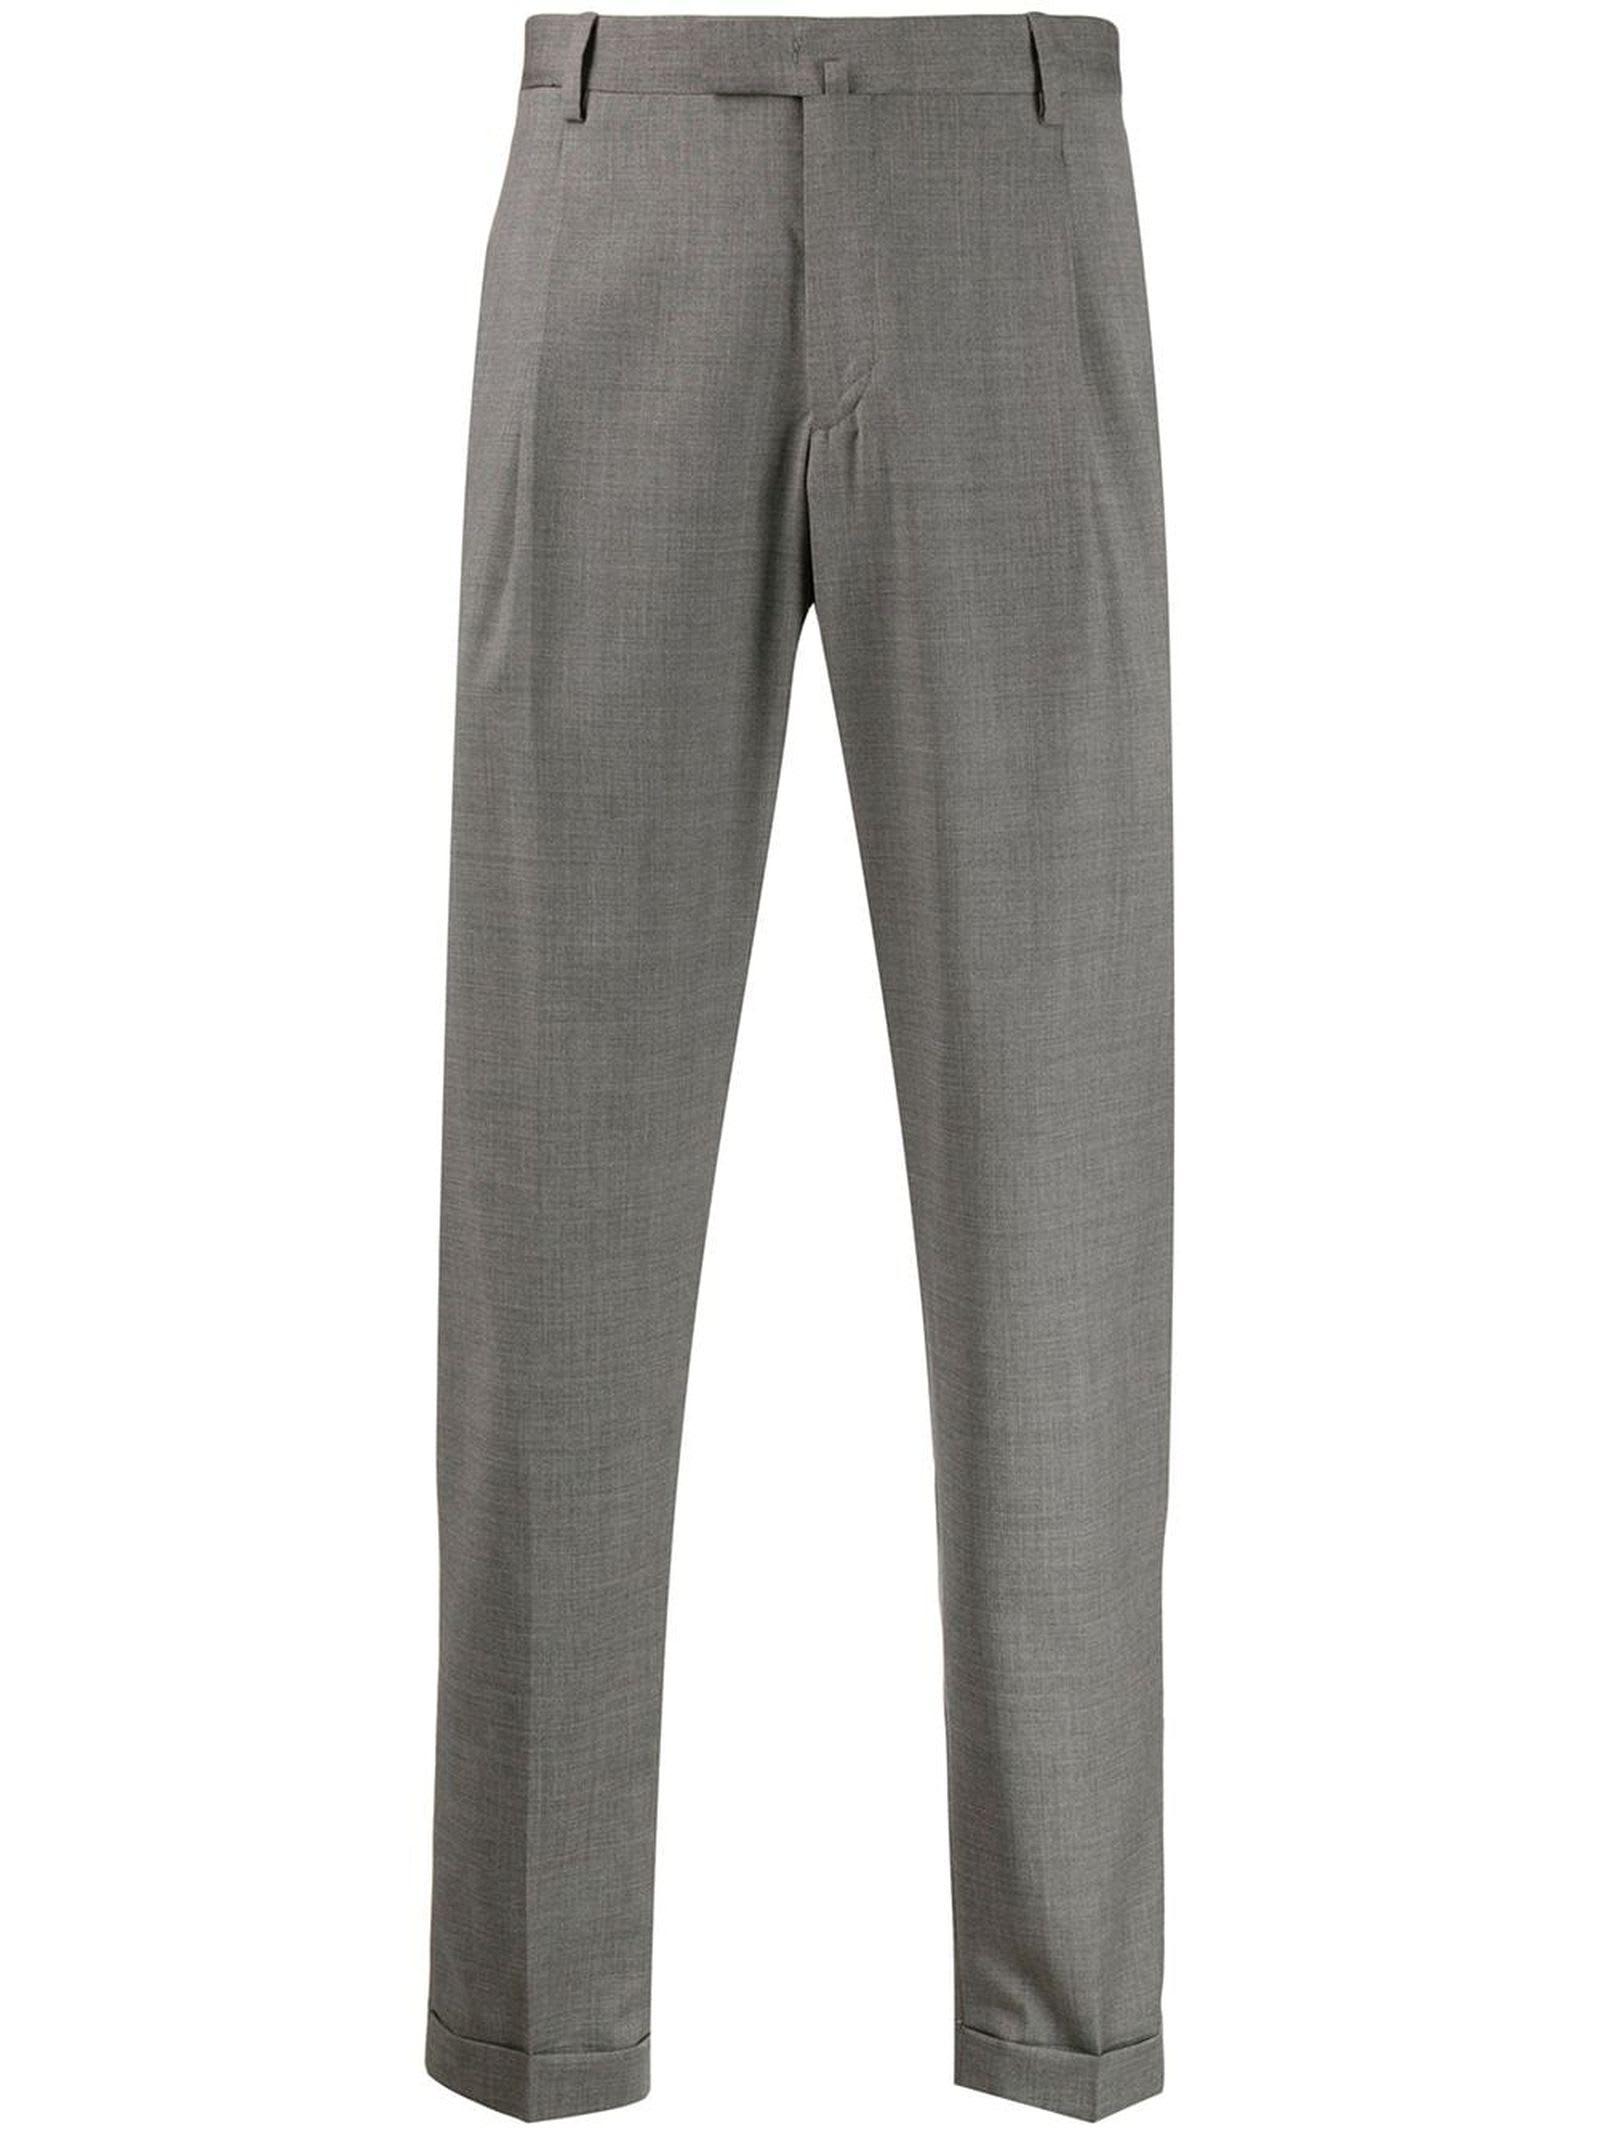 1949 Grey Virgin Wool Trousers